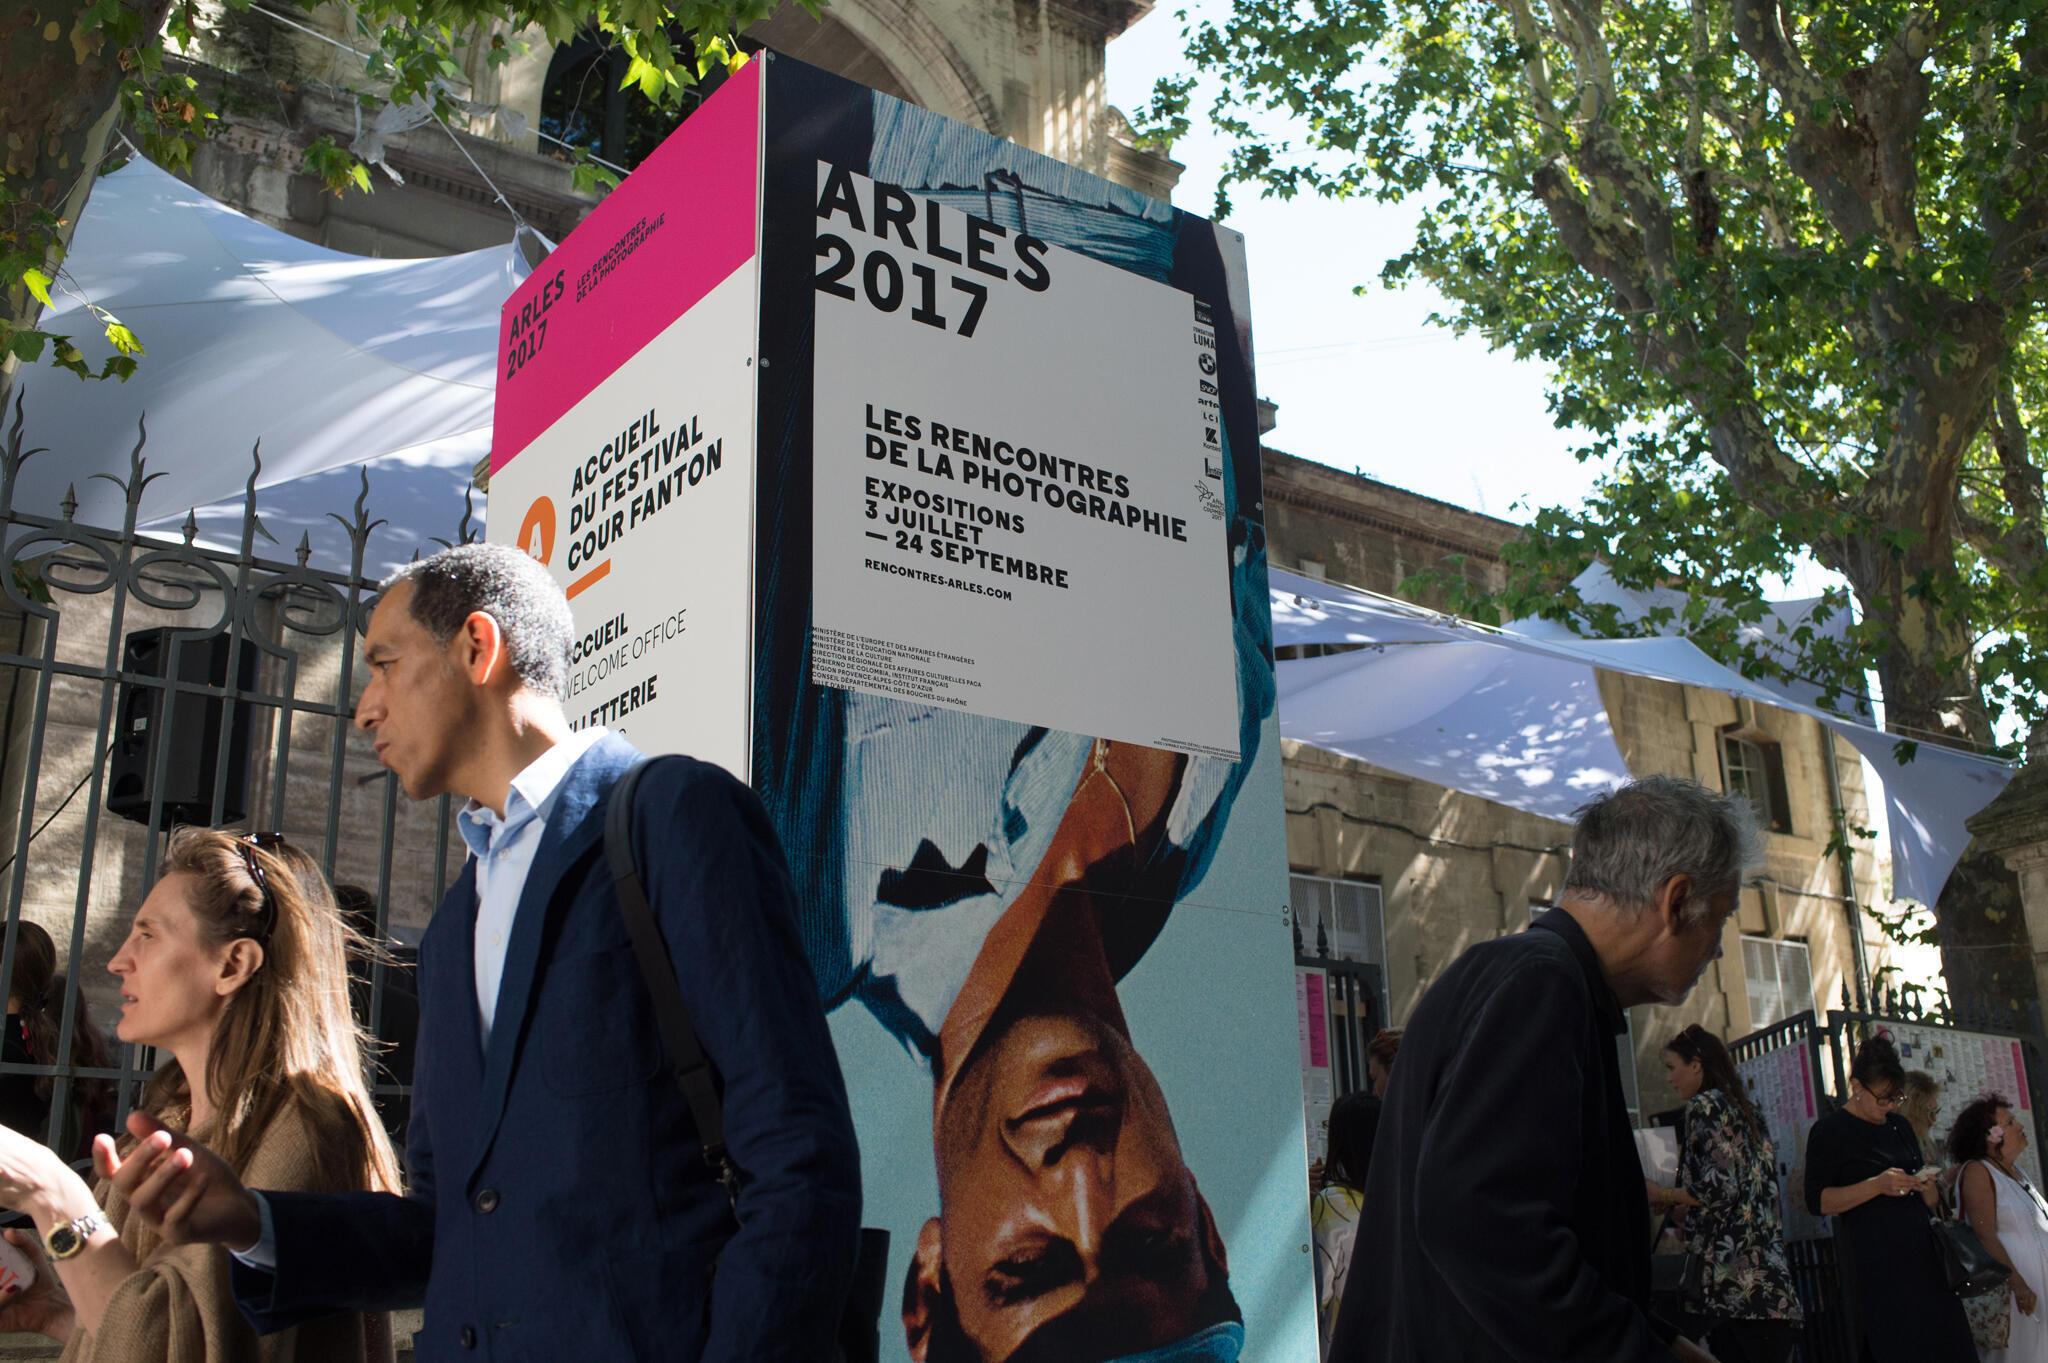 Les « Rencontres de la photographie d'Arles 2017» où expose Mathieu Pernot ont débuté le 3 juillet 2017 et se clôtureront le 24 Septembre.